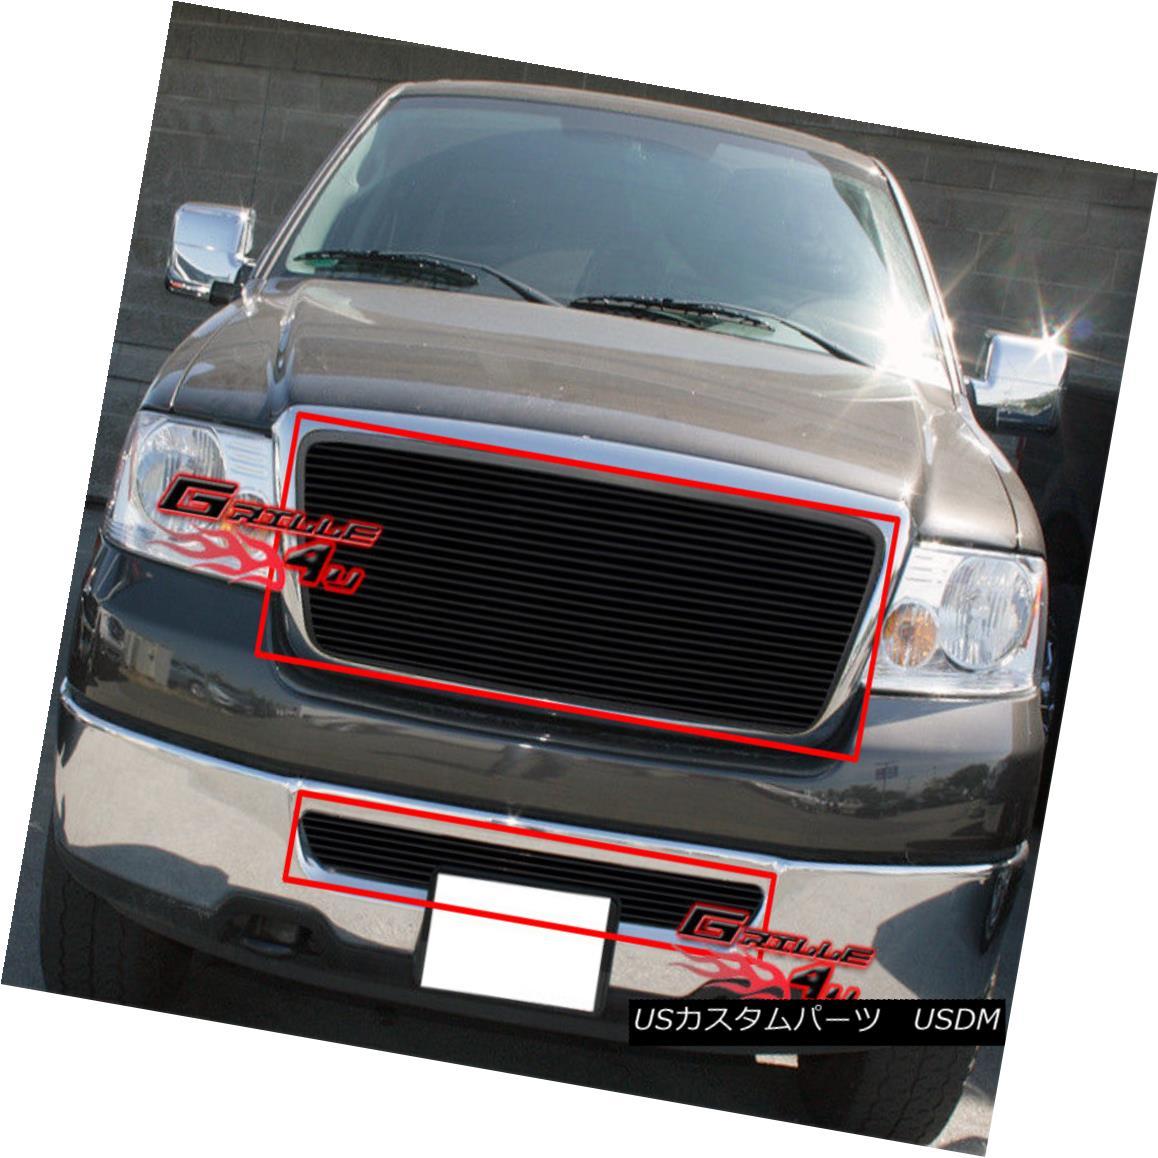 グリル For 06-08 Ford F-150 Black Billet Grille Combo Insert 06-08 Ford F-150 Black Billet Grilleコンボインサート